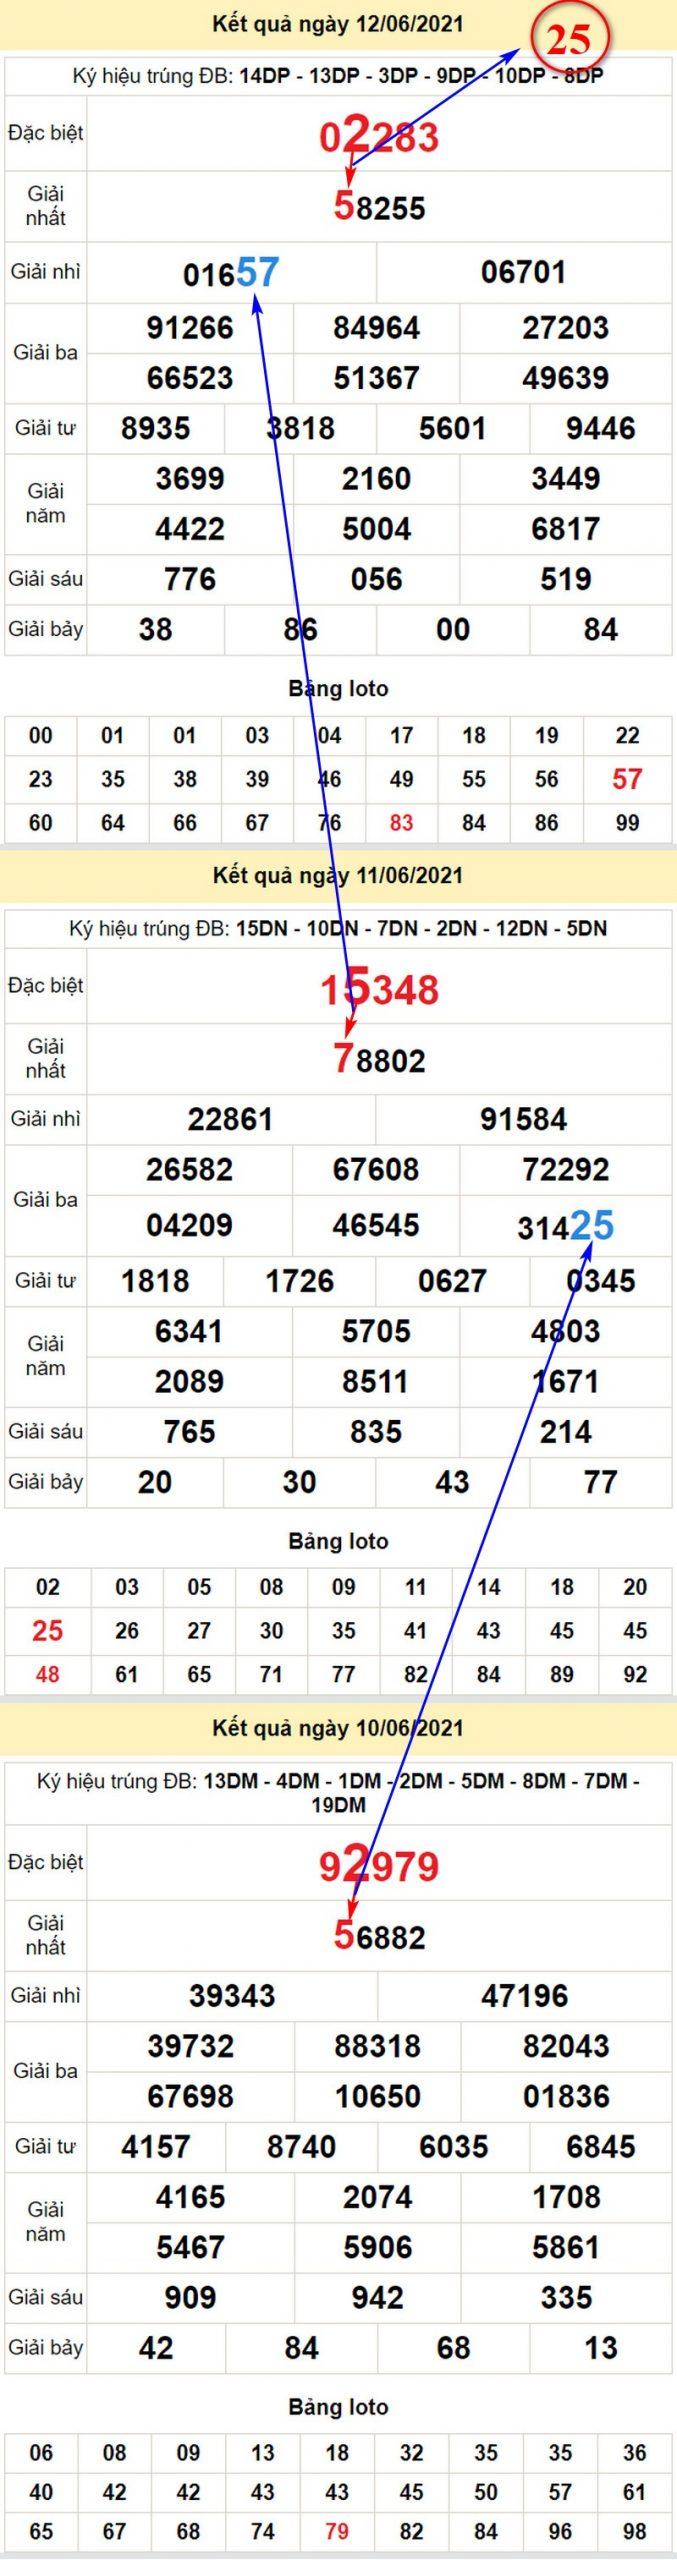 Chi tiết soi cầu dự đoán XSMB hôm nay chủ nhật 13/6/2021